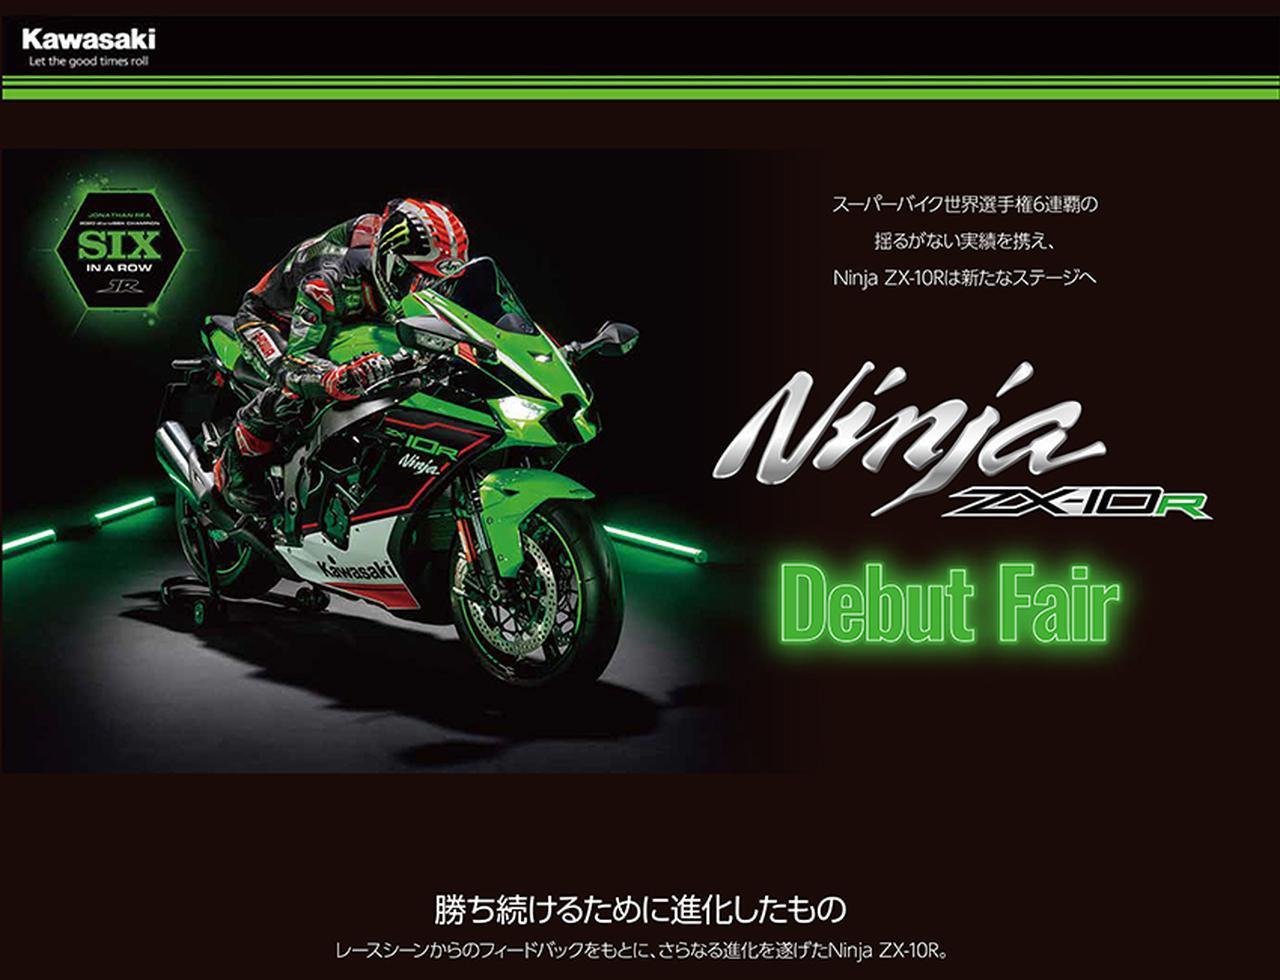 画像1: エントリーで全員に背景画像をプレゼント、さらに抽選でヘルメットが当たる! カワサキがNinja ZX-10Rデビューフェアを開催 - webオートバイ